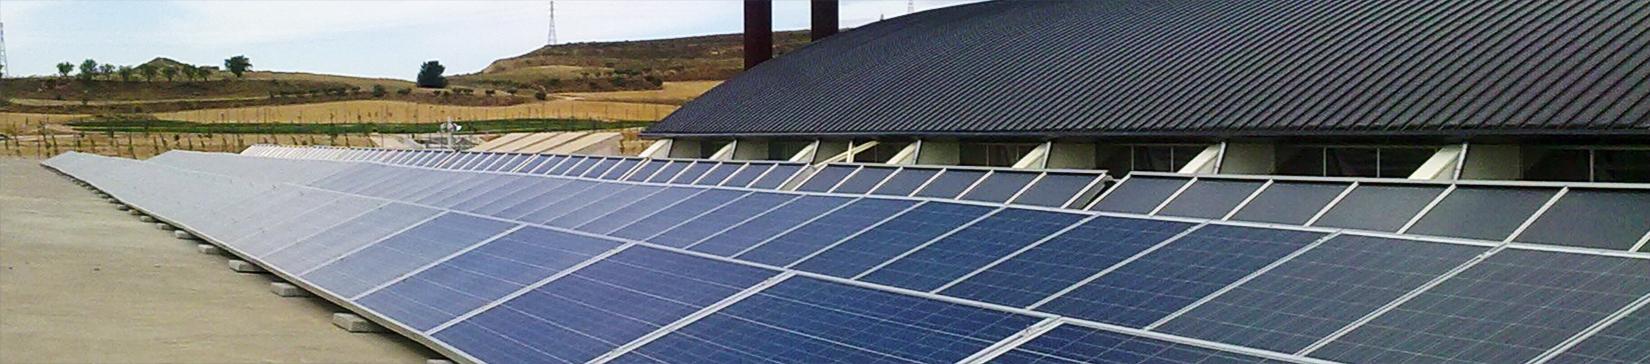 Publicados los listados definitivos del registro de preasignación de fotovoltaica